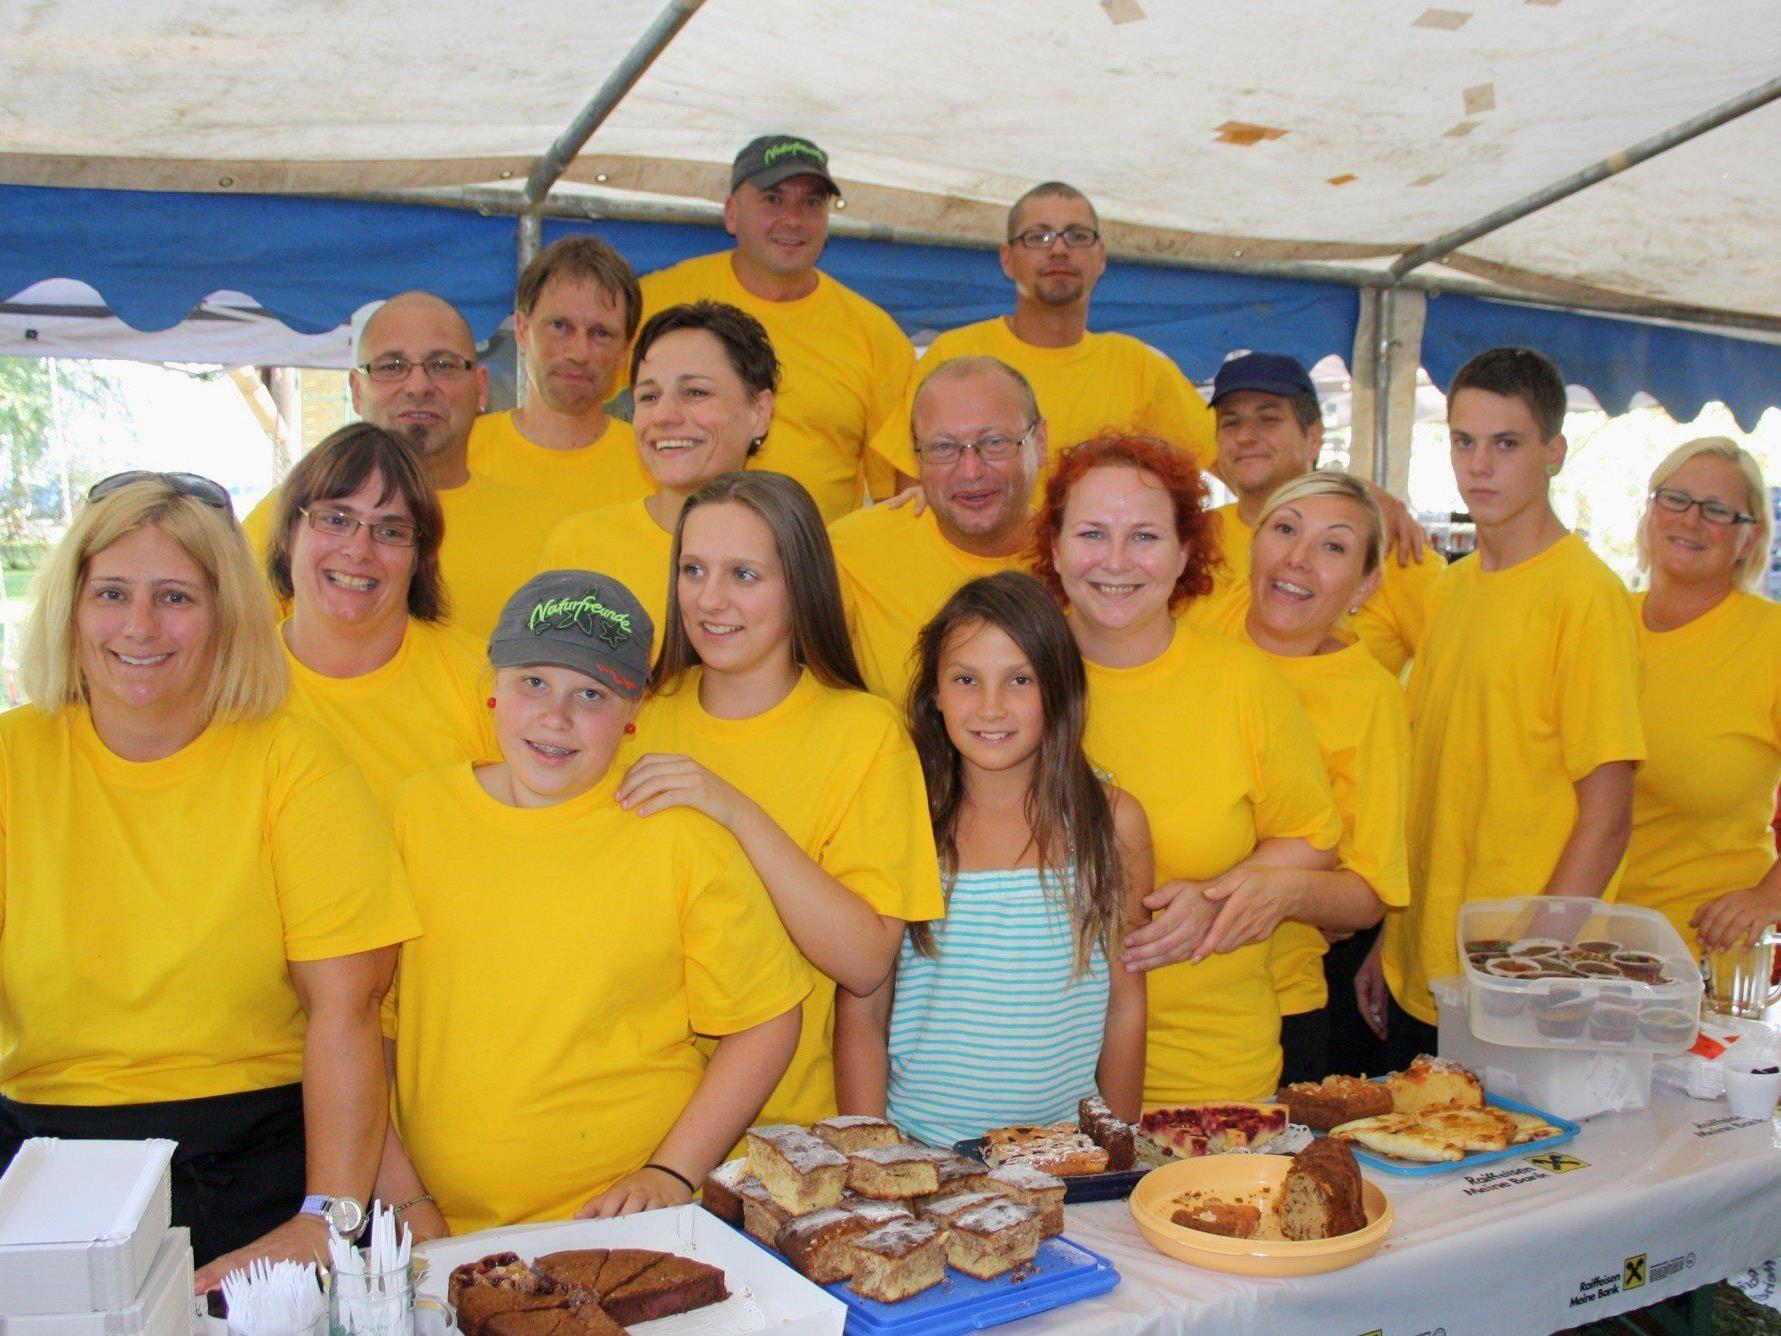 Das engagierte Team um Obmann Alexander Woger im erfolgreichen Einsatz für ein bestens gelungenes Sommerfest.